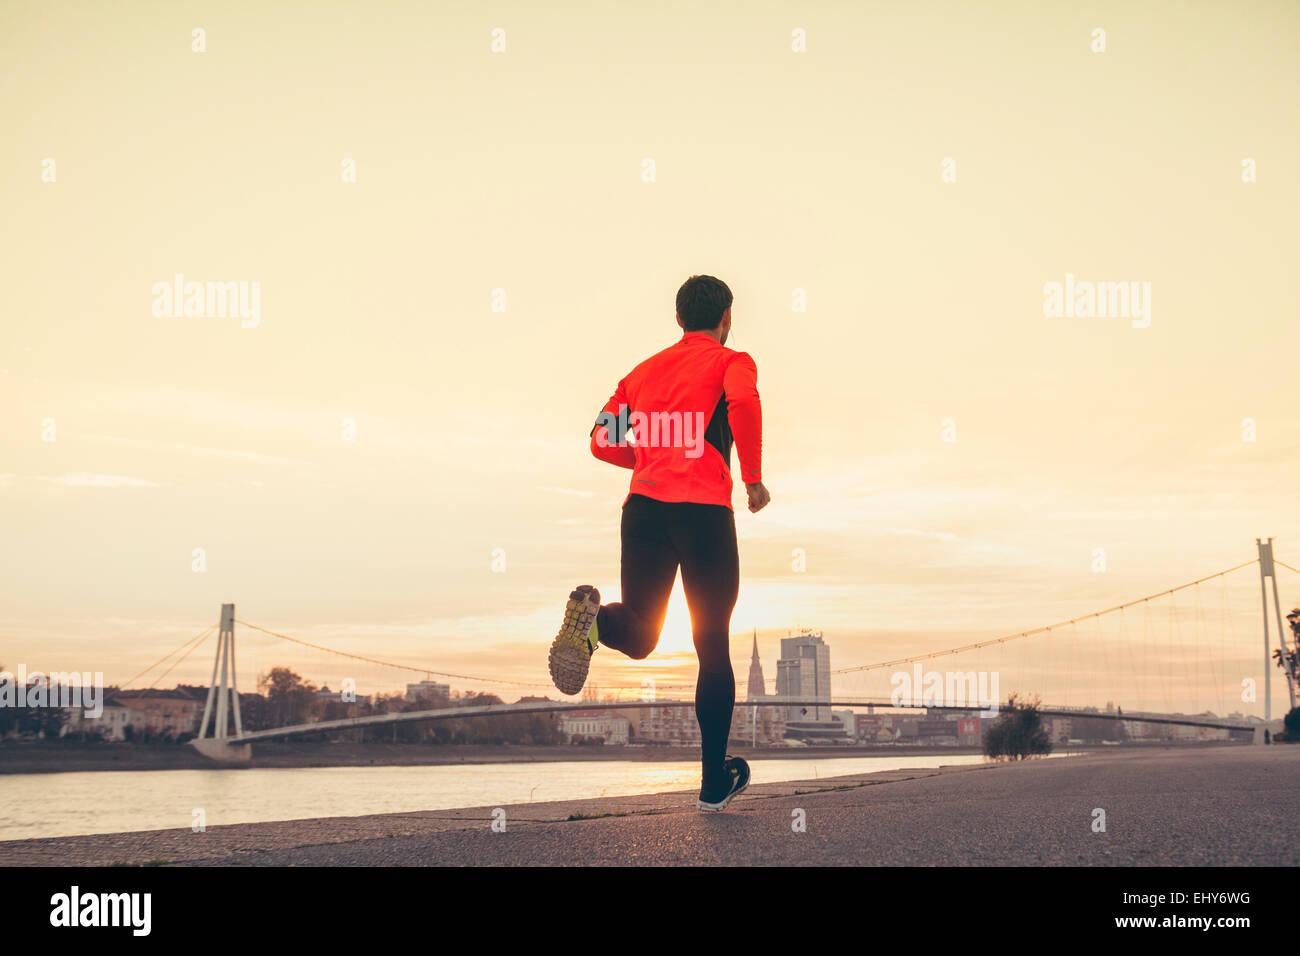 Hombre Footing en la costanera contra el horizonte de la ciudad Foto de stock